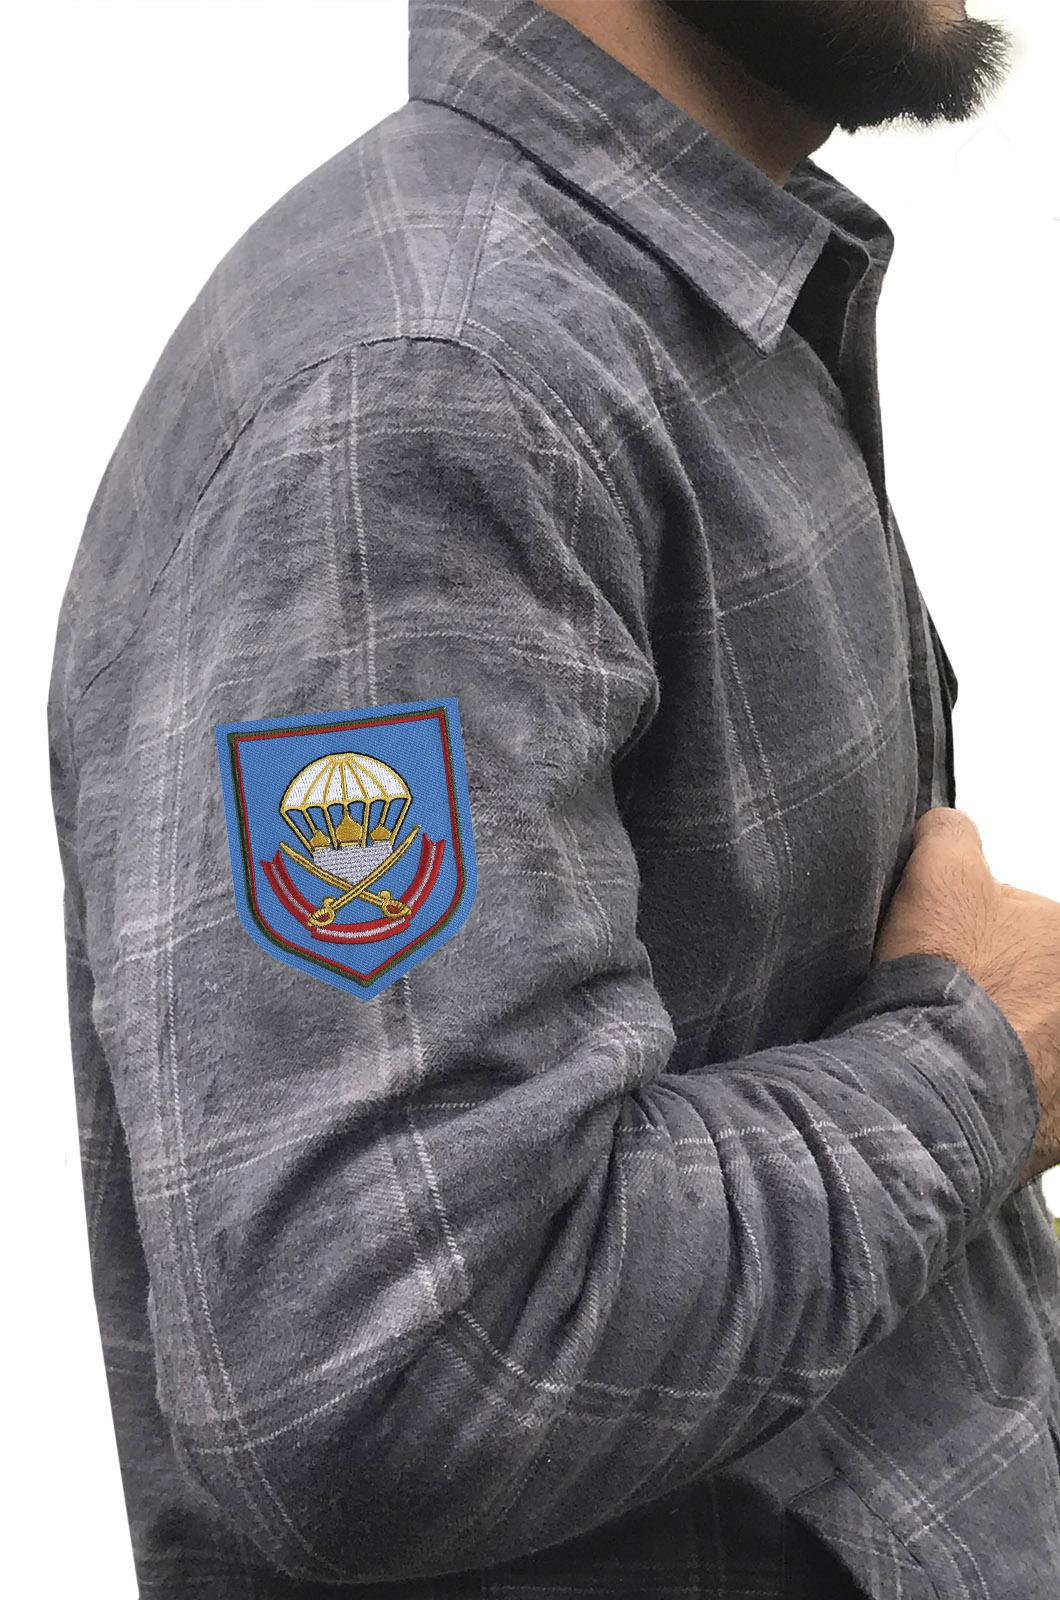 Крутая мужская рубашка с вышитым шевроном 137 ПДП ВДВ - заказать по низкой цене